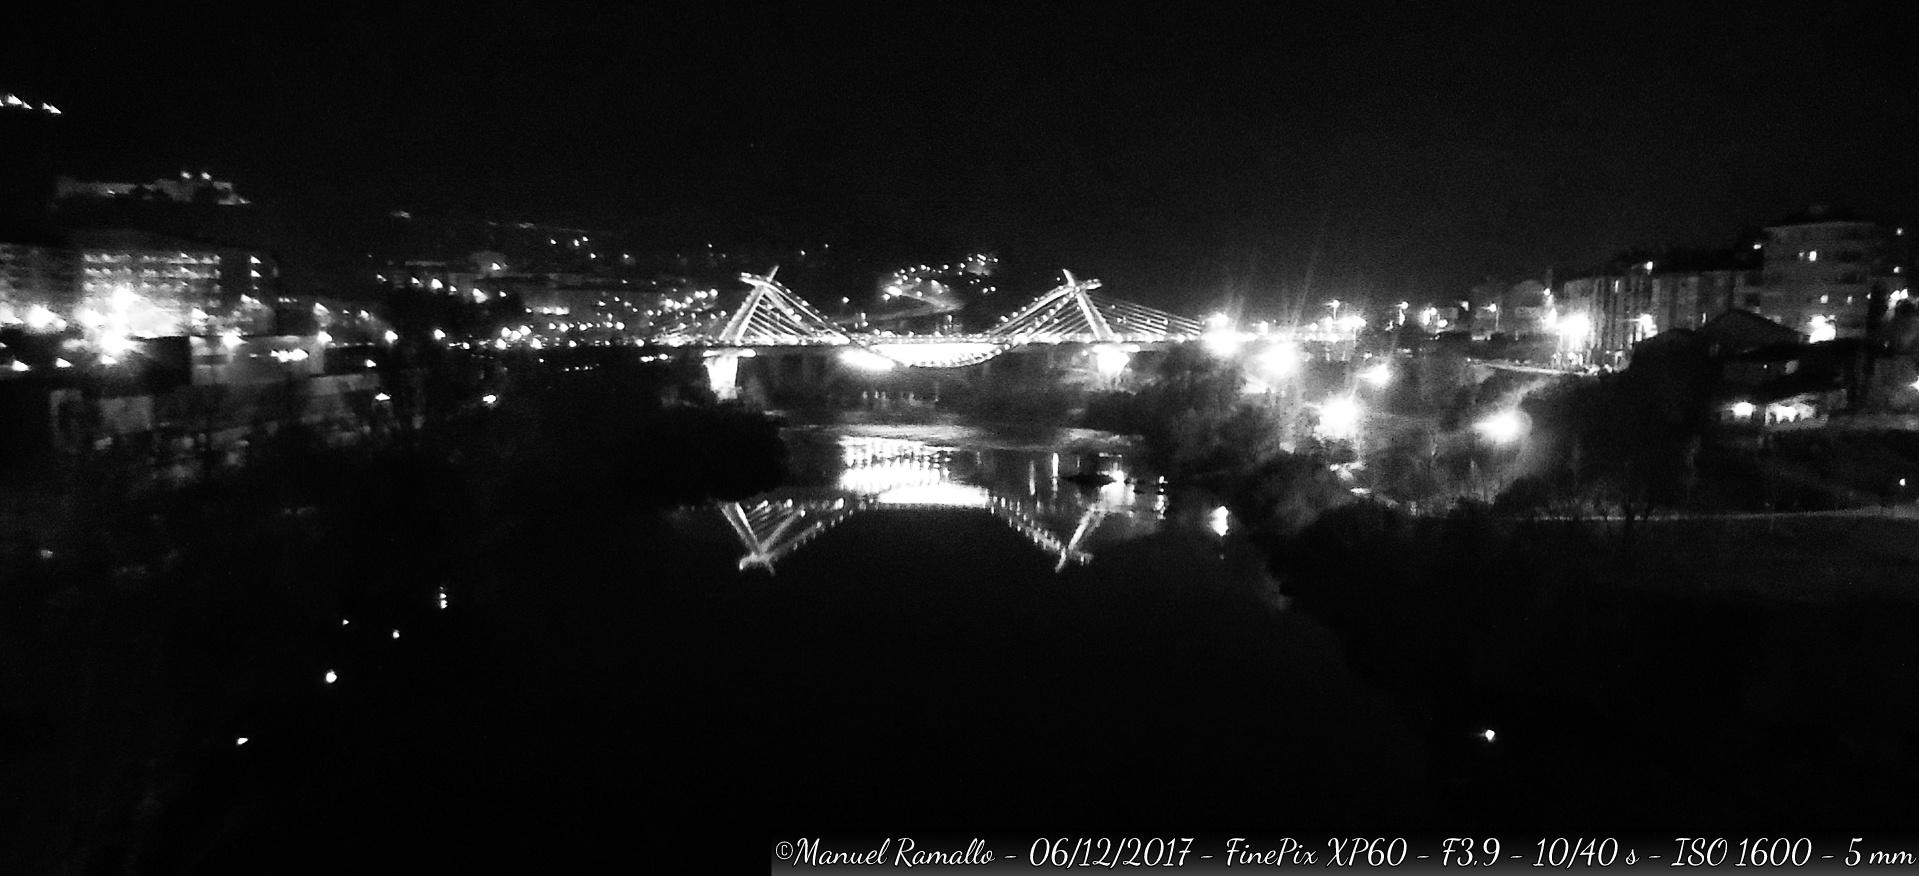 puente-del-milenio-noche-ourense-blanco-y-negro